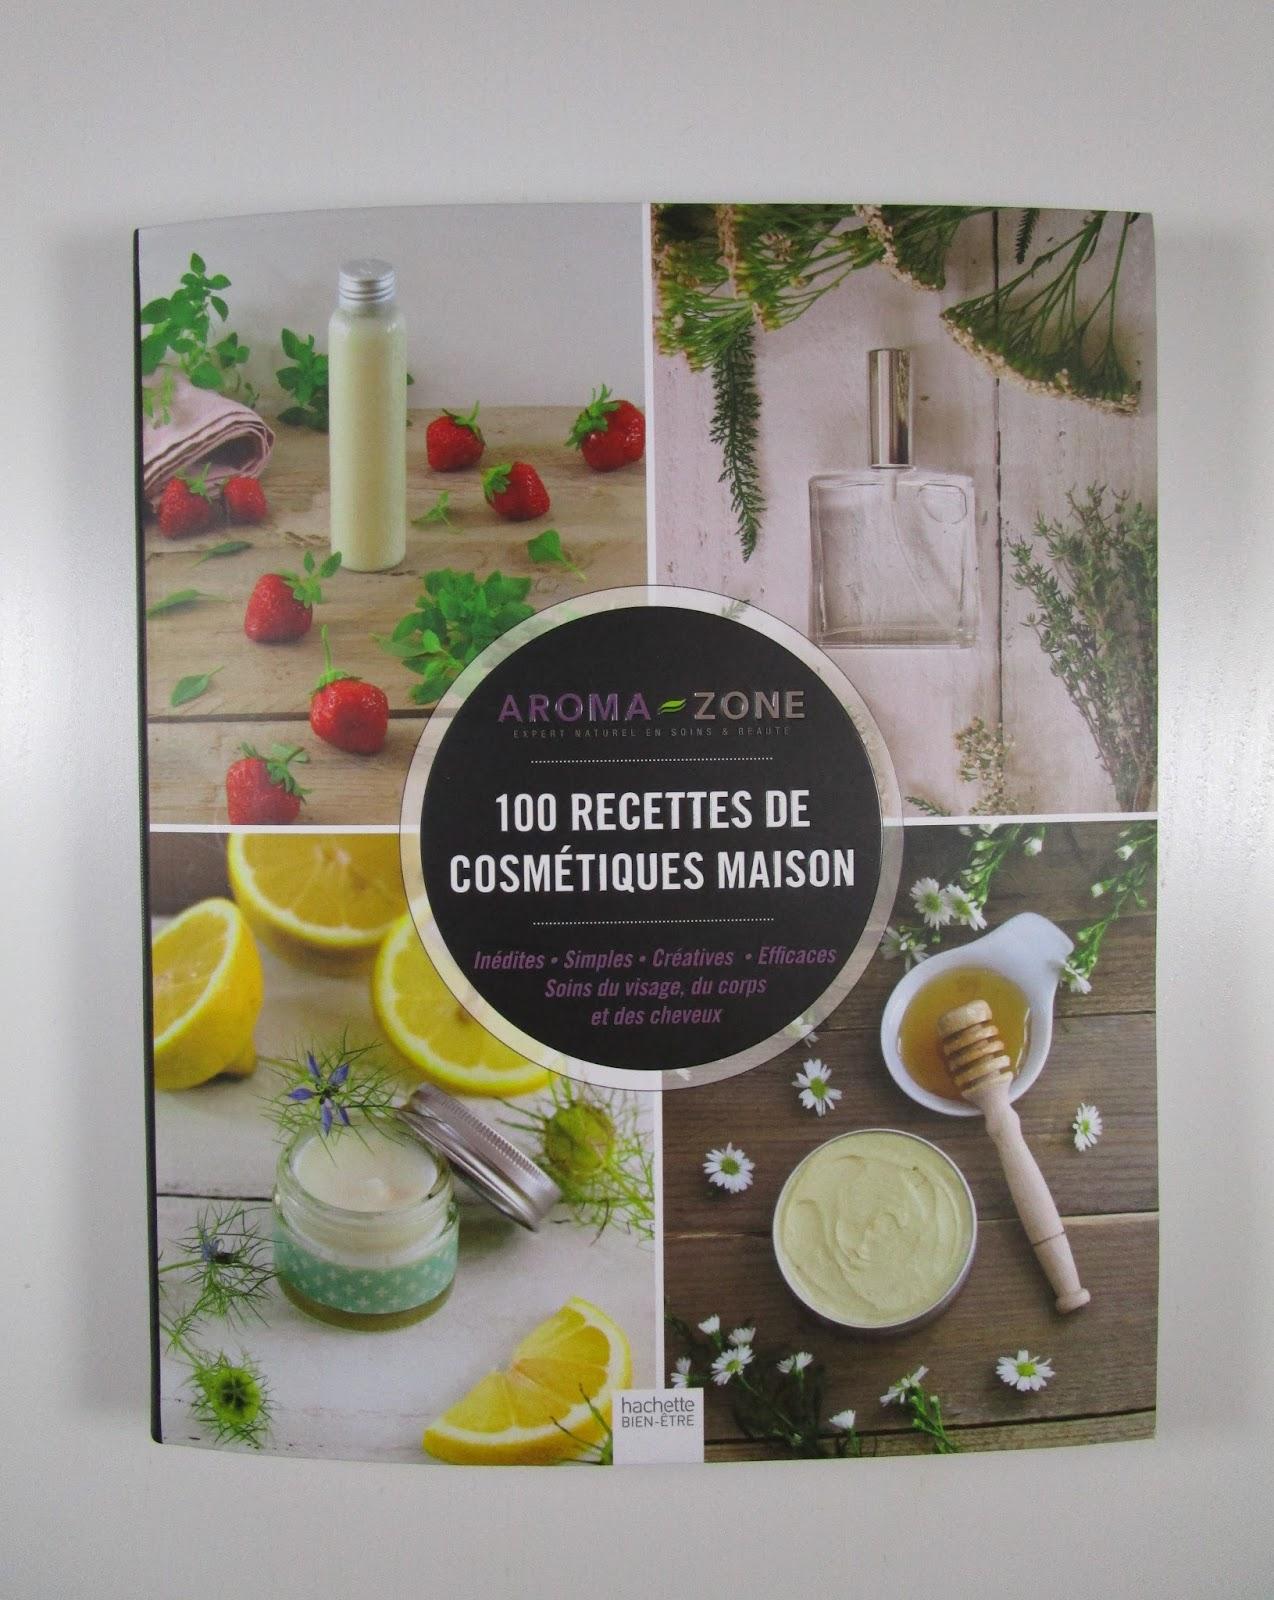 ... Zone aux éditions Hachette Bien-Être : 100 recettes de cosmétiques  maison. Un ouvrage dédié, donc, à la confection maison de produits  cosmétiques.